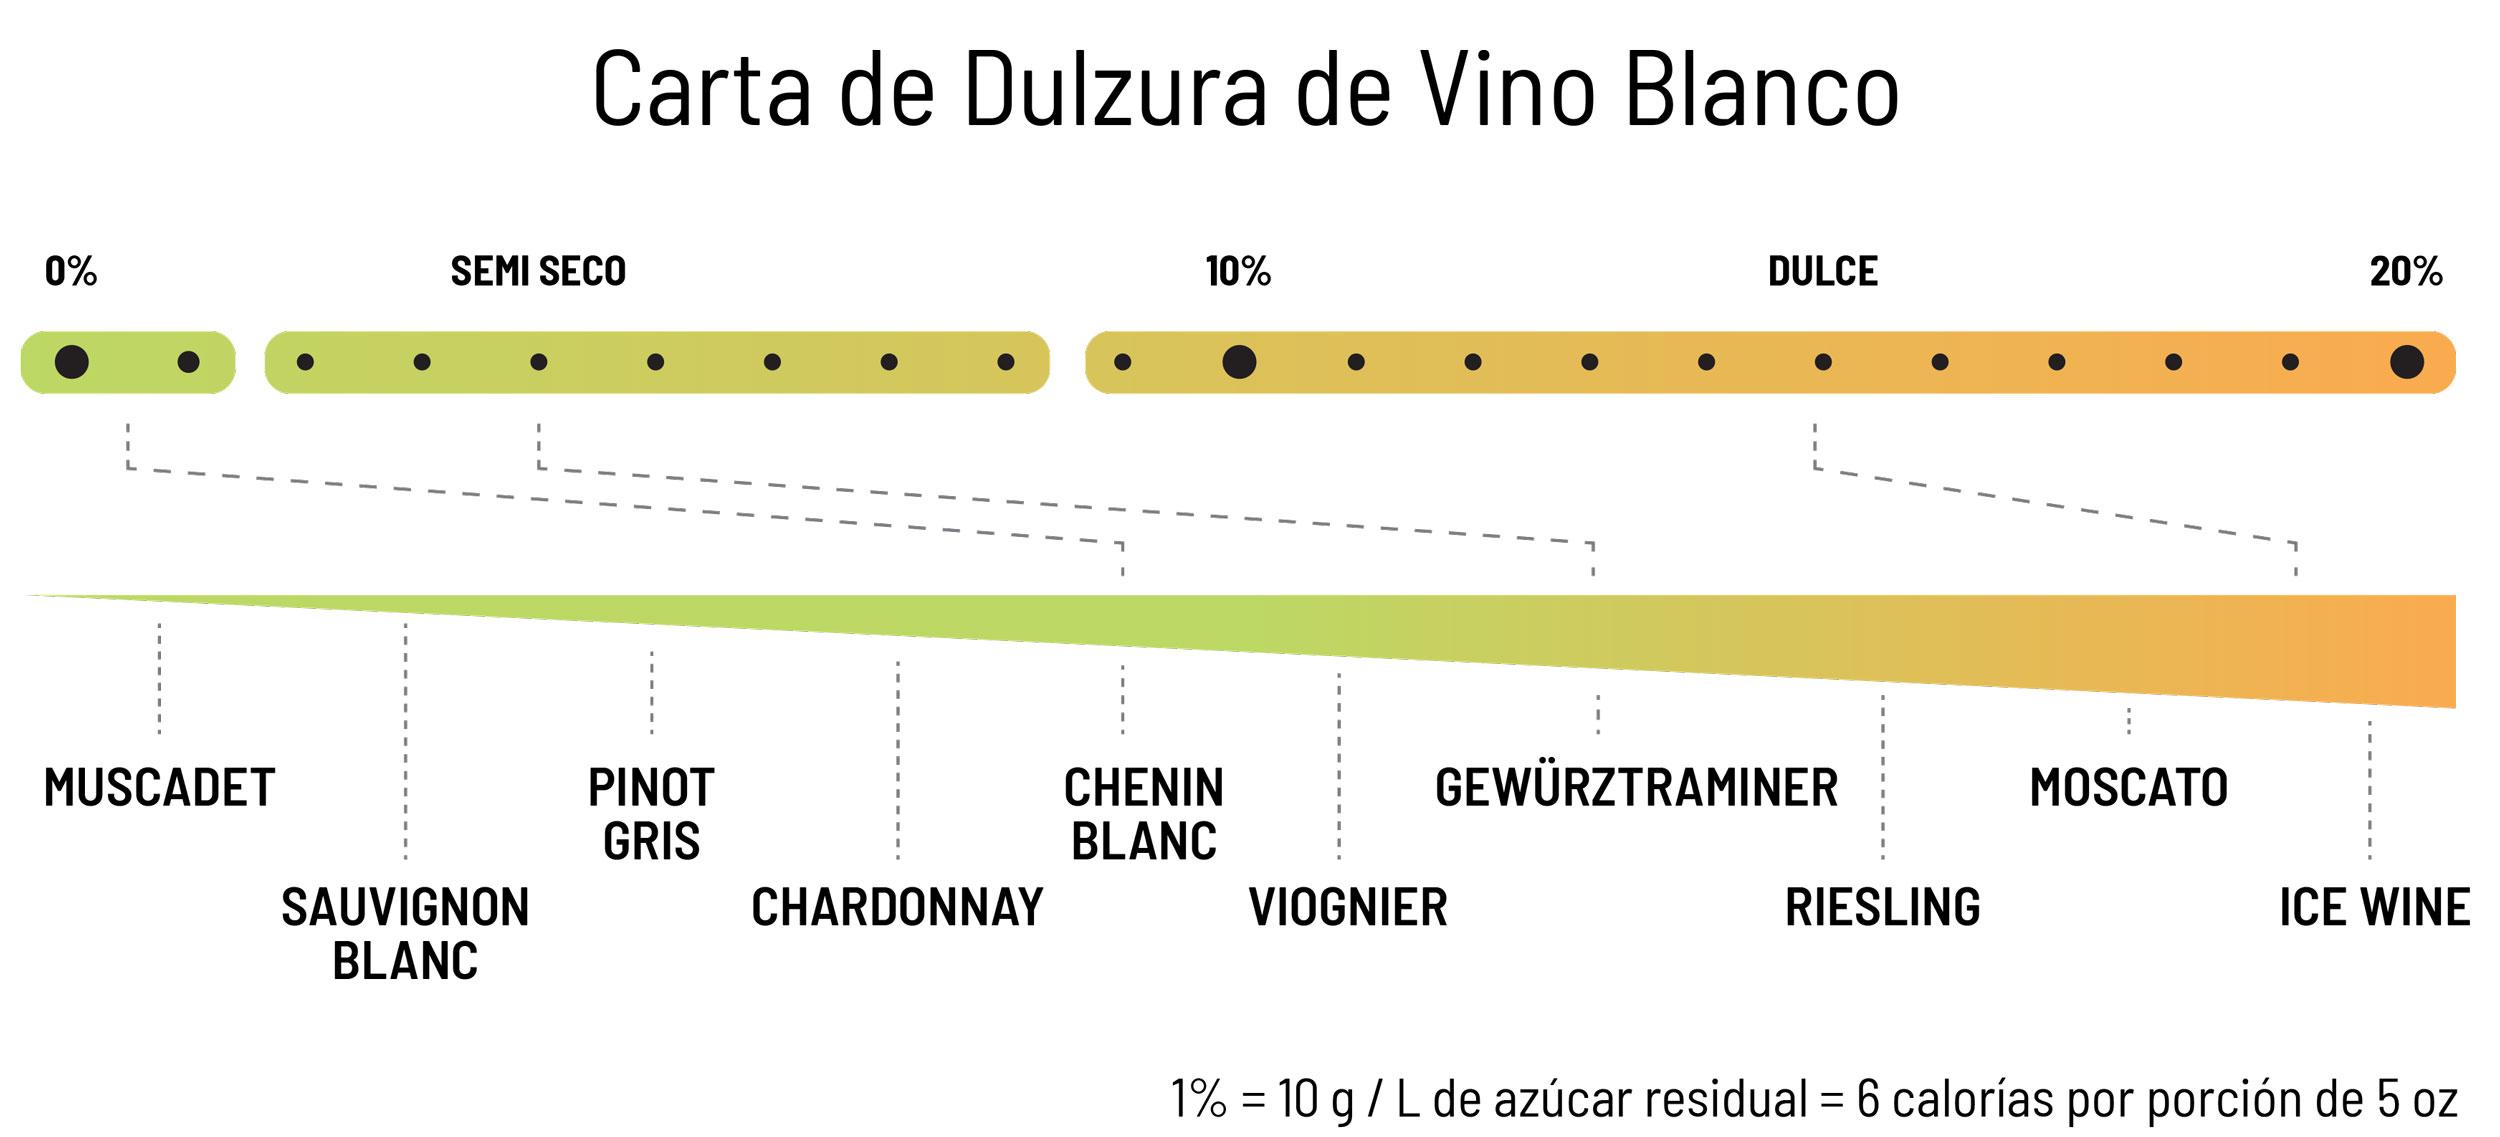 Carta de dulzura de vino - In Vino Frances Veritas